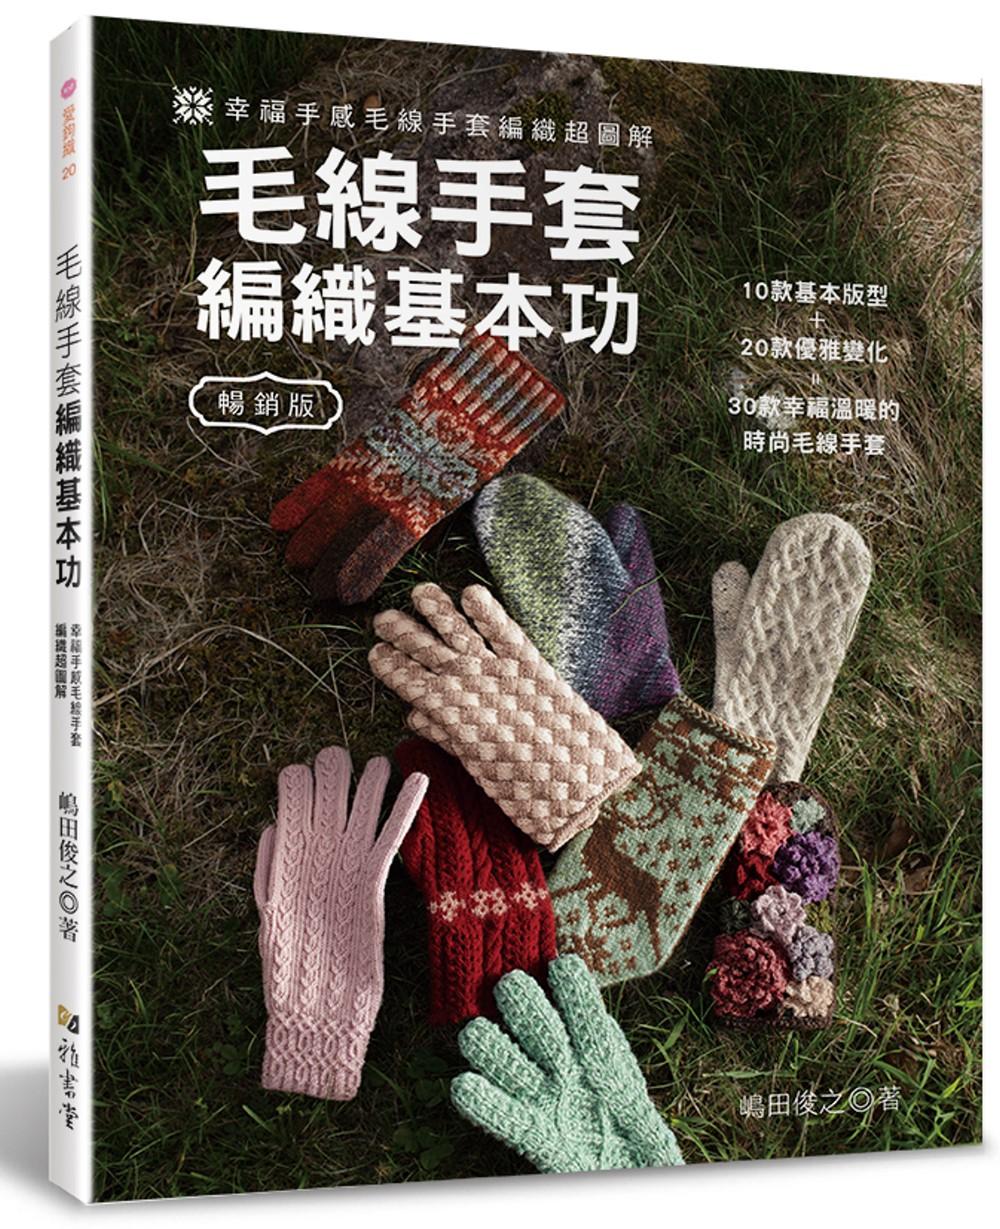 毛線手套編織基本功(暢銷版)(二版):幸福手感毛線手套編織超圖解